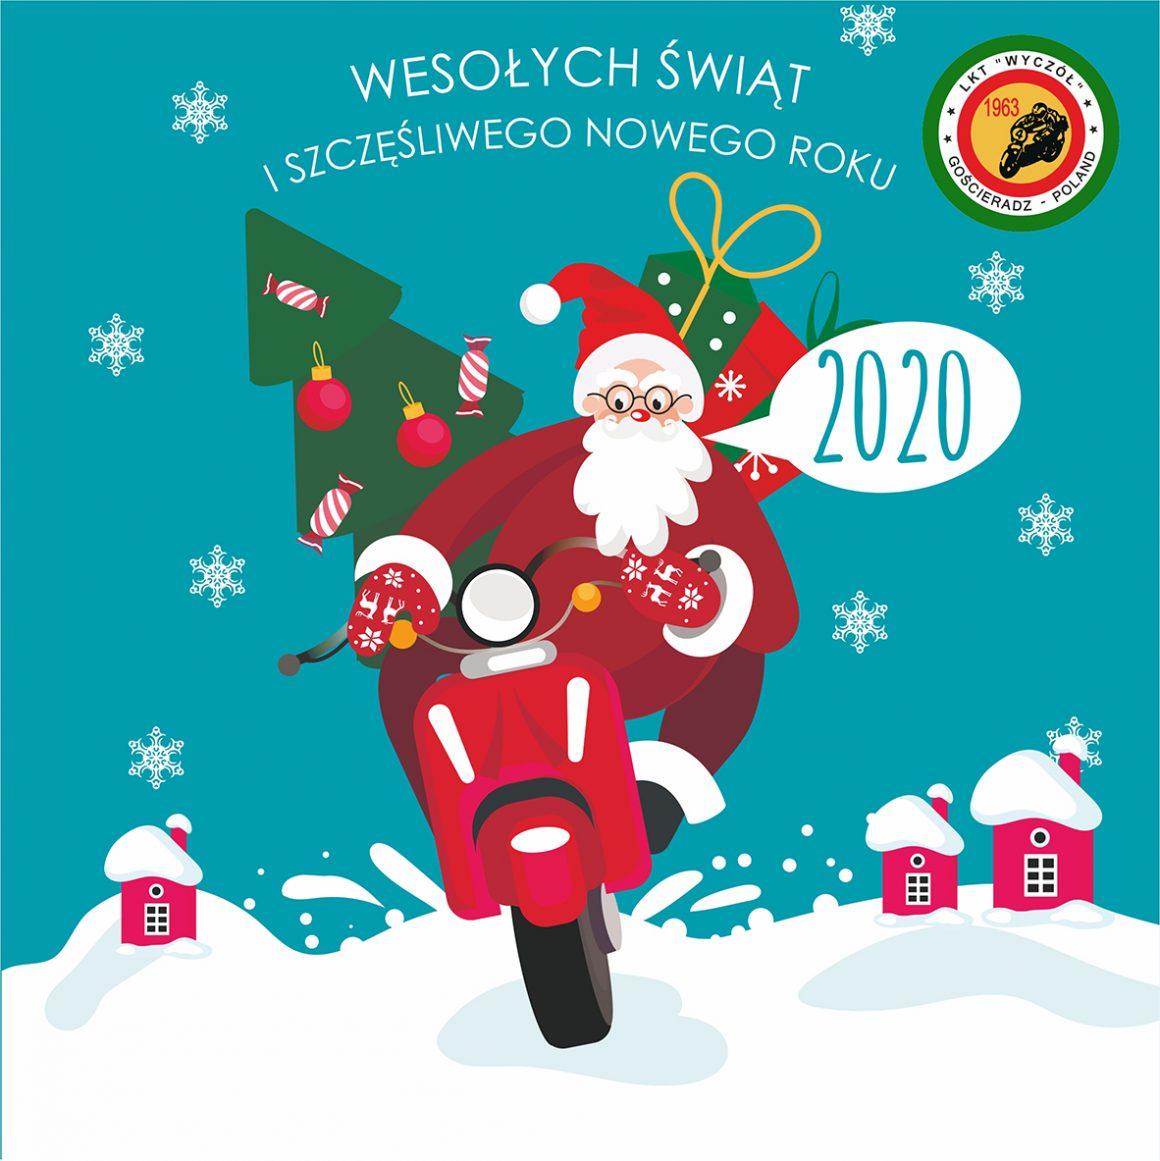 Najlepsze życzenia świąteczne i noworoczne